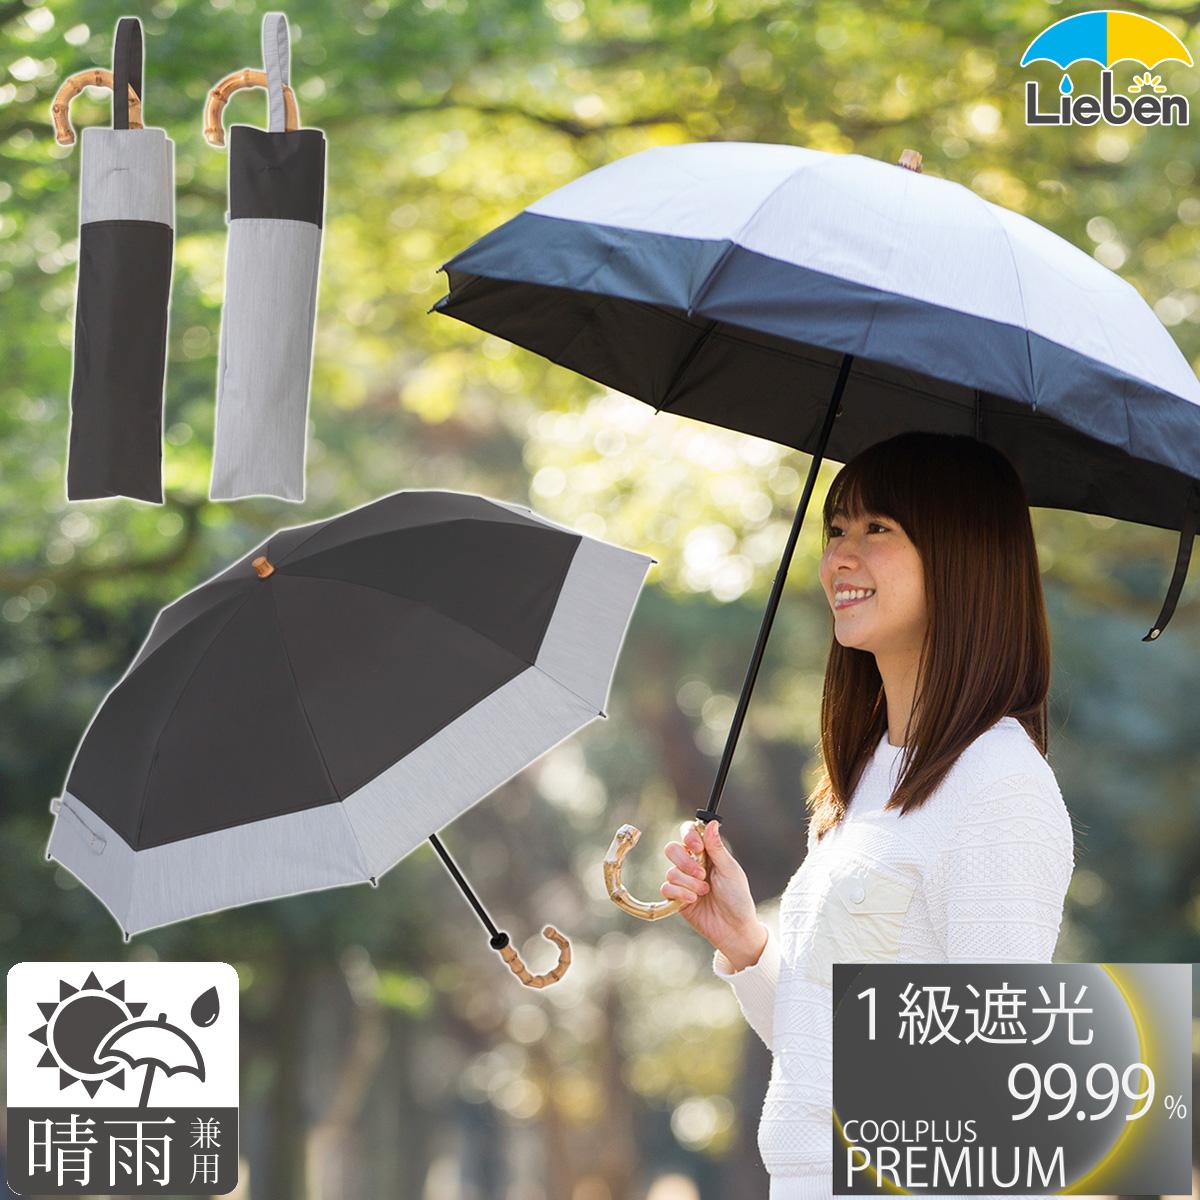 遮光1級生地を使用した シックなツートンカラーの折り畳み日傘 現品 母の日や記念日のギフトとしてもおすすめ 日傘 折りたたみ 完全遮光 生地 晴雨兼用 50cm×8本骨 レディース UPF50+ c-ori 1級遮光 竹手元 UVカット ラミネート生地 遮熱 LIEBEN-0514 日本最大級の品揃え クールプラス 折傘 バンブー